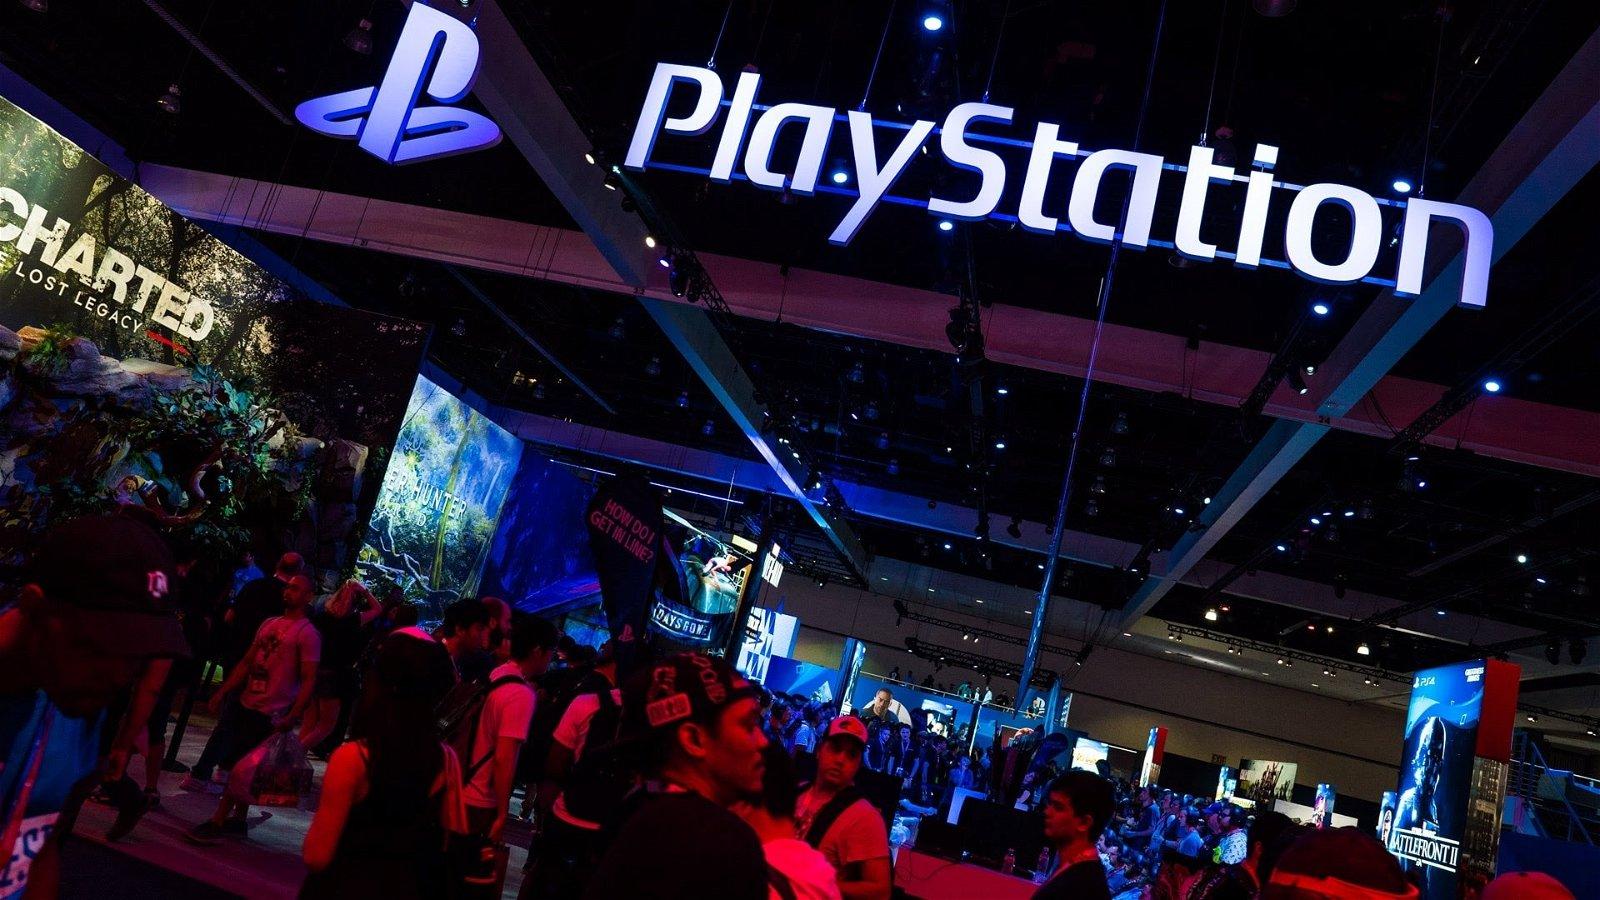 Analysis: Rumors Hint at Upcoming Post-E3 Reveals Starting May 2